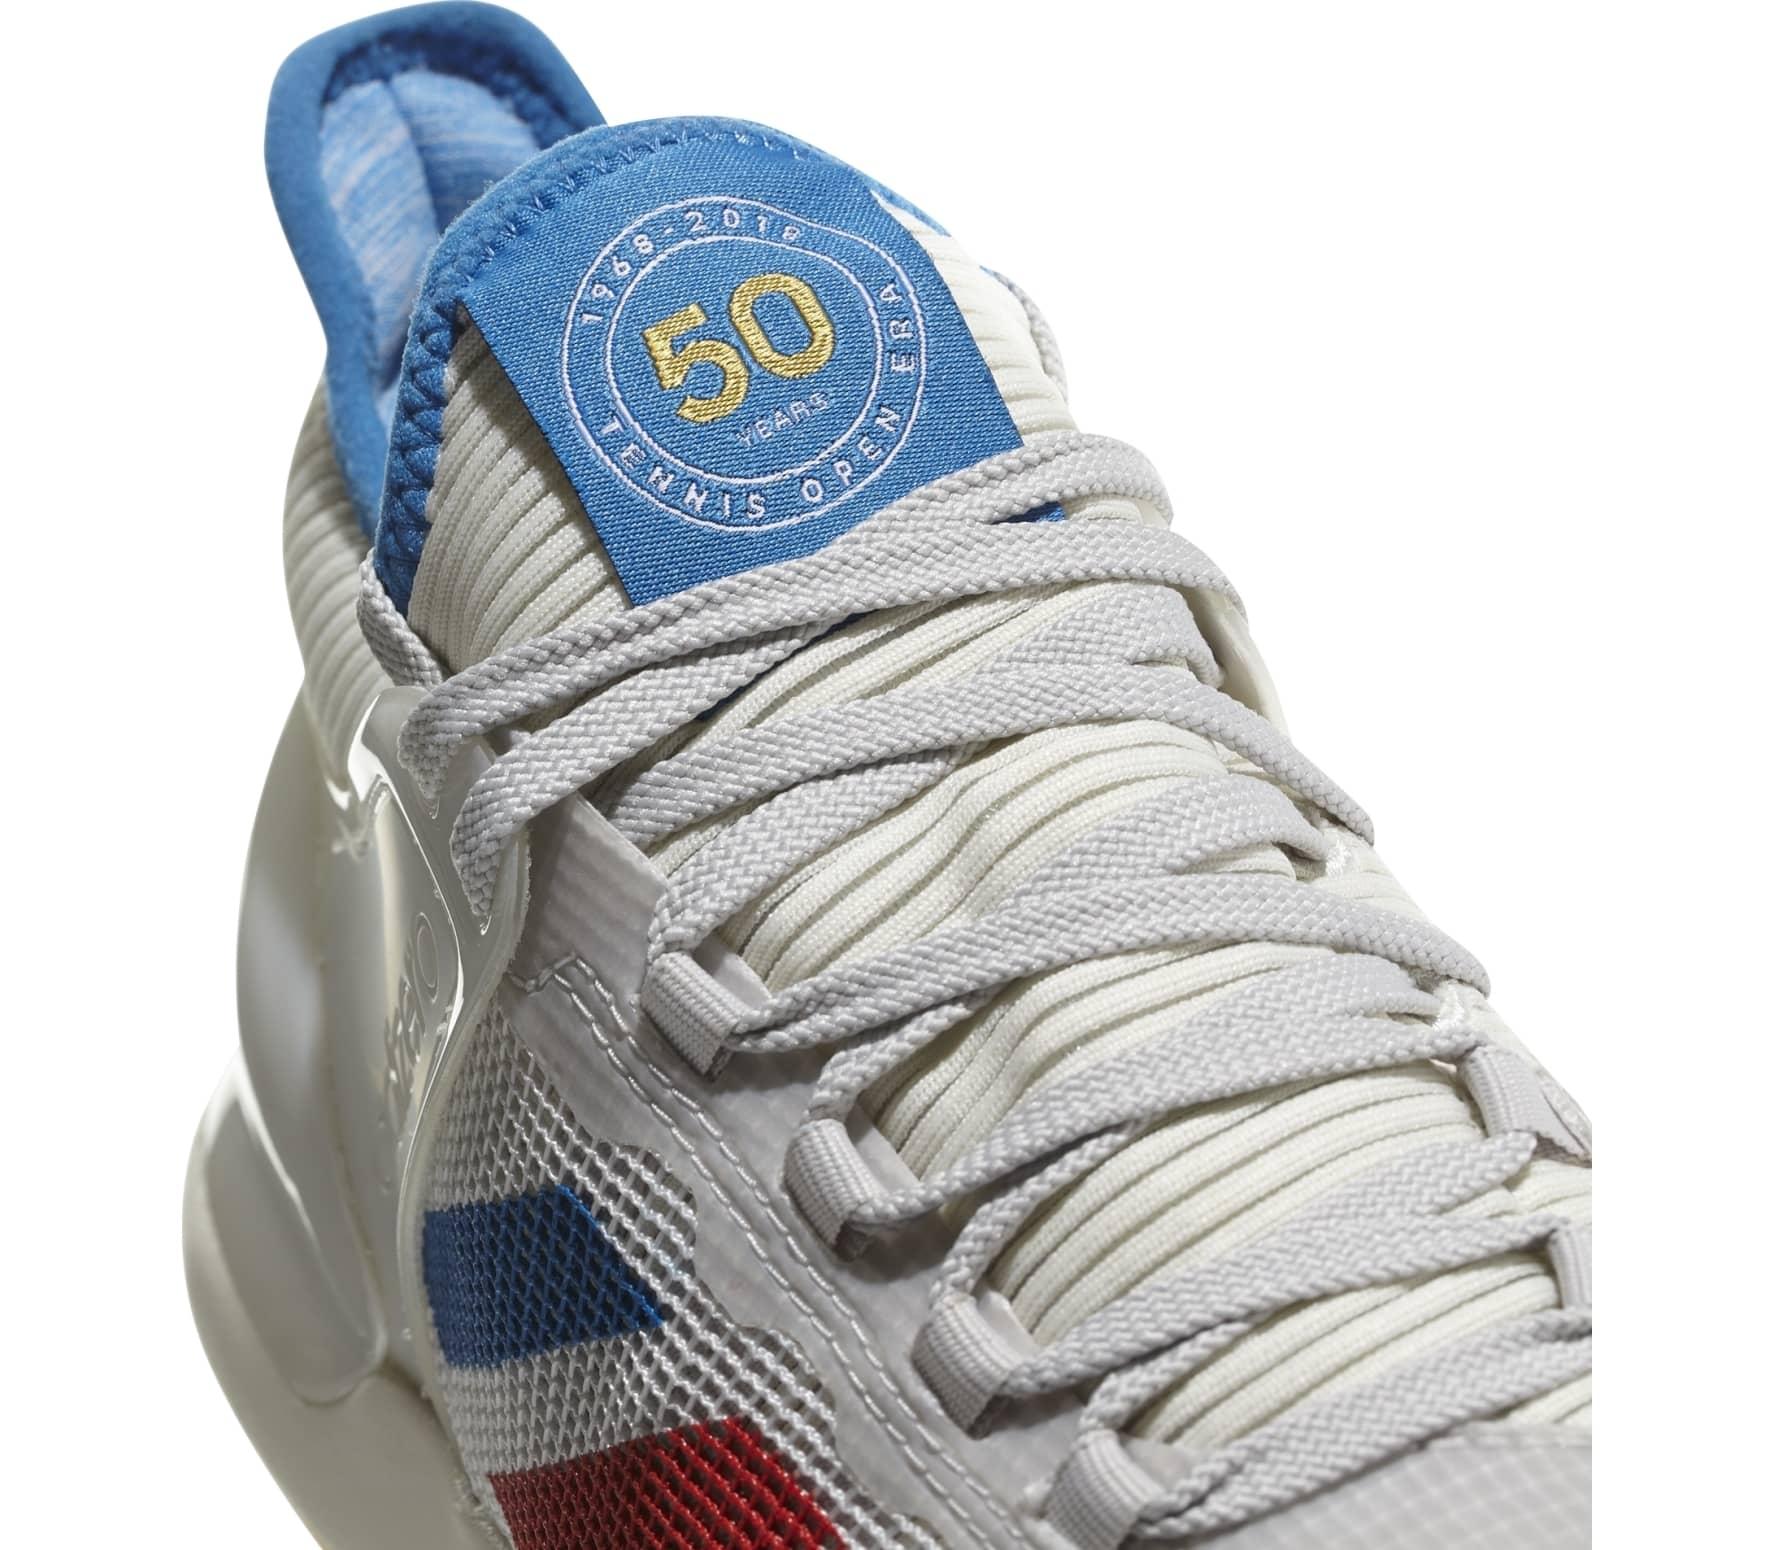 various colors 17849 ab1d3 Adidas - Adizero Ubersonic 50YRS LTD mens tennis shoes (whiteblue)